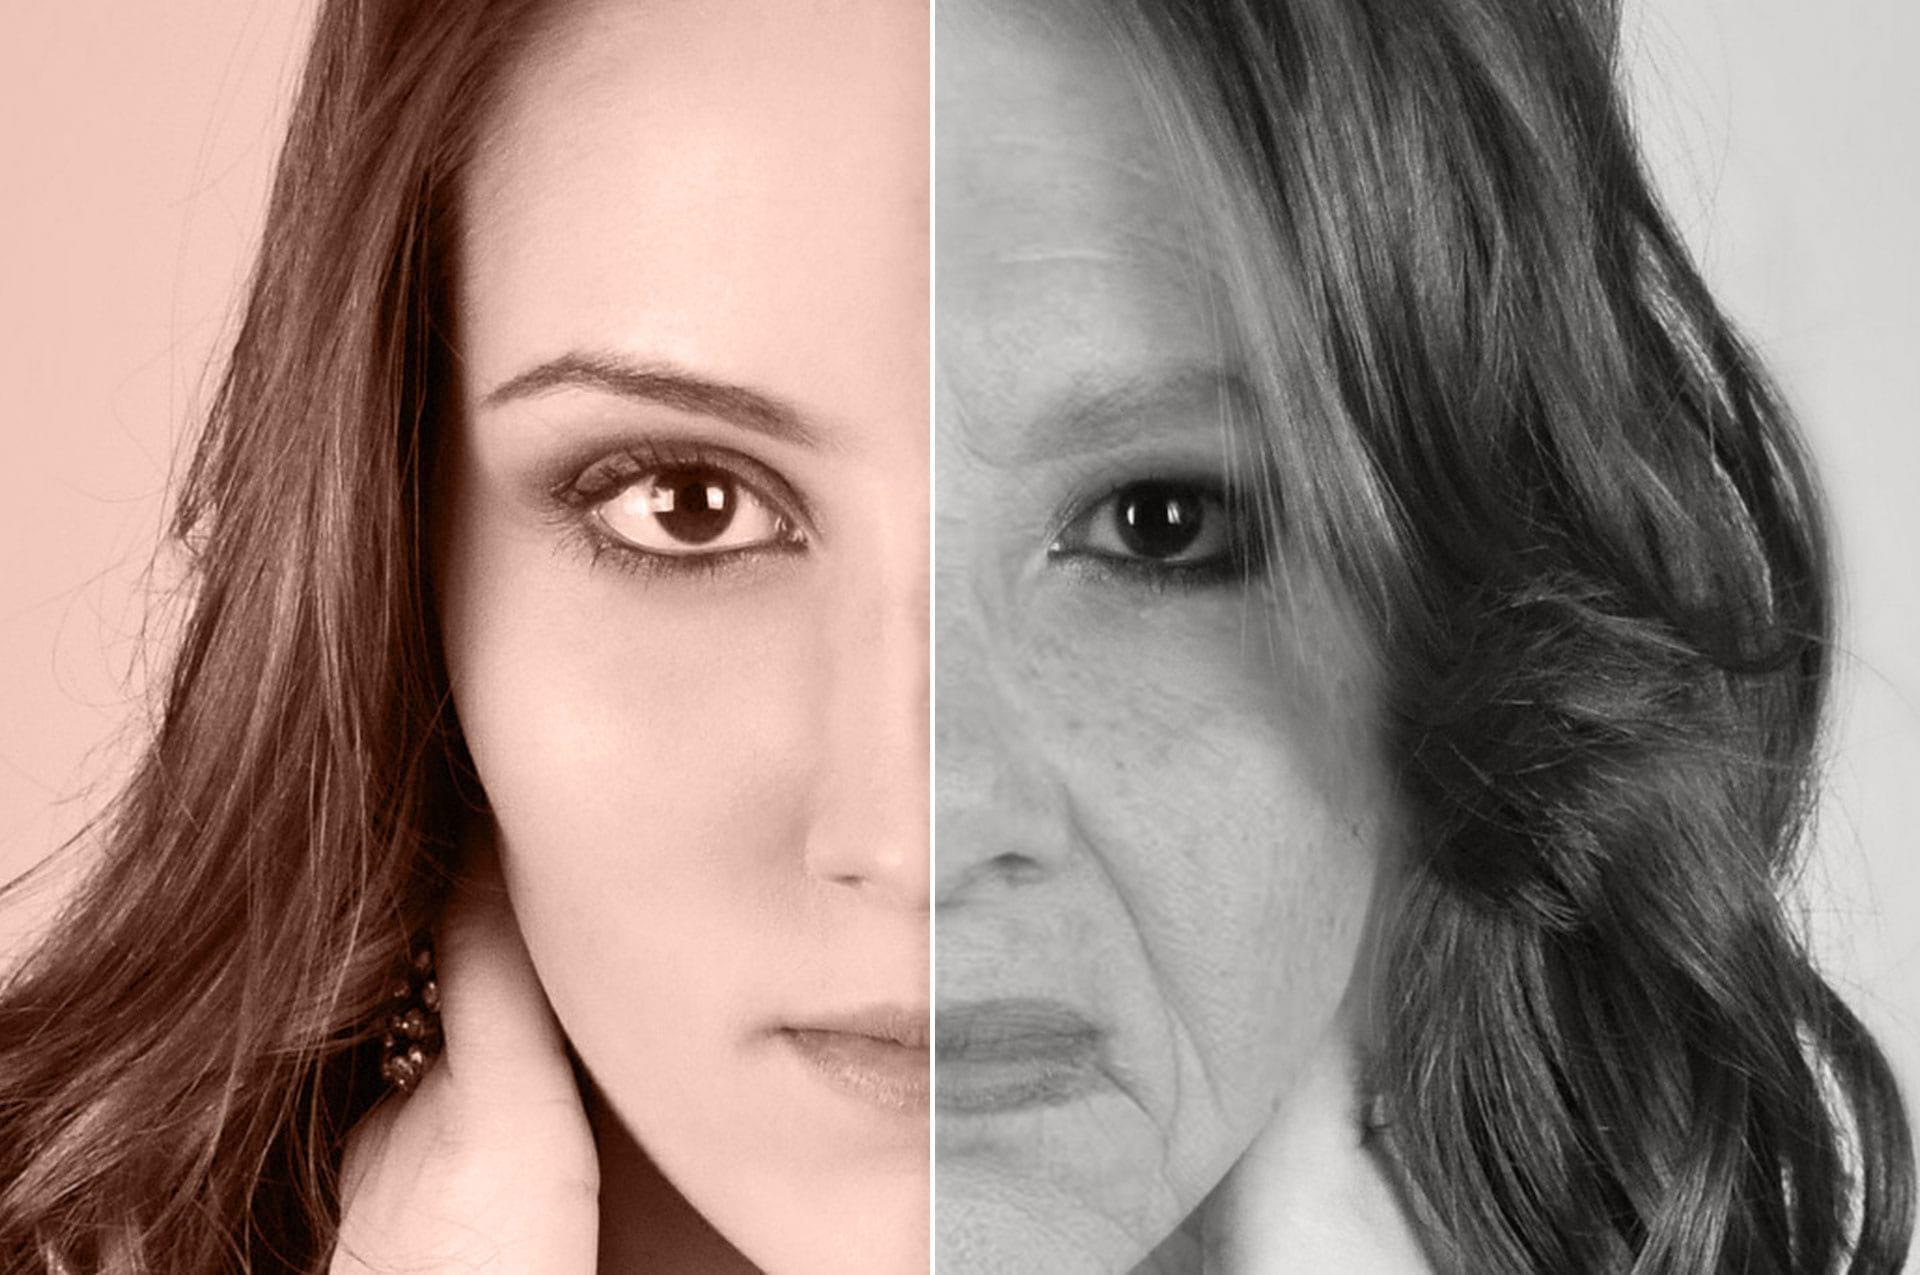 Invecchiamento cutaneo precoce